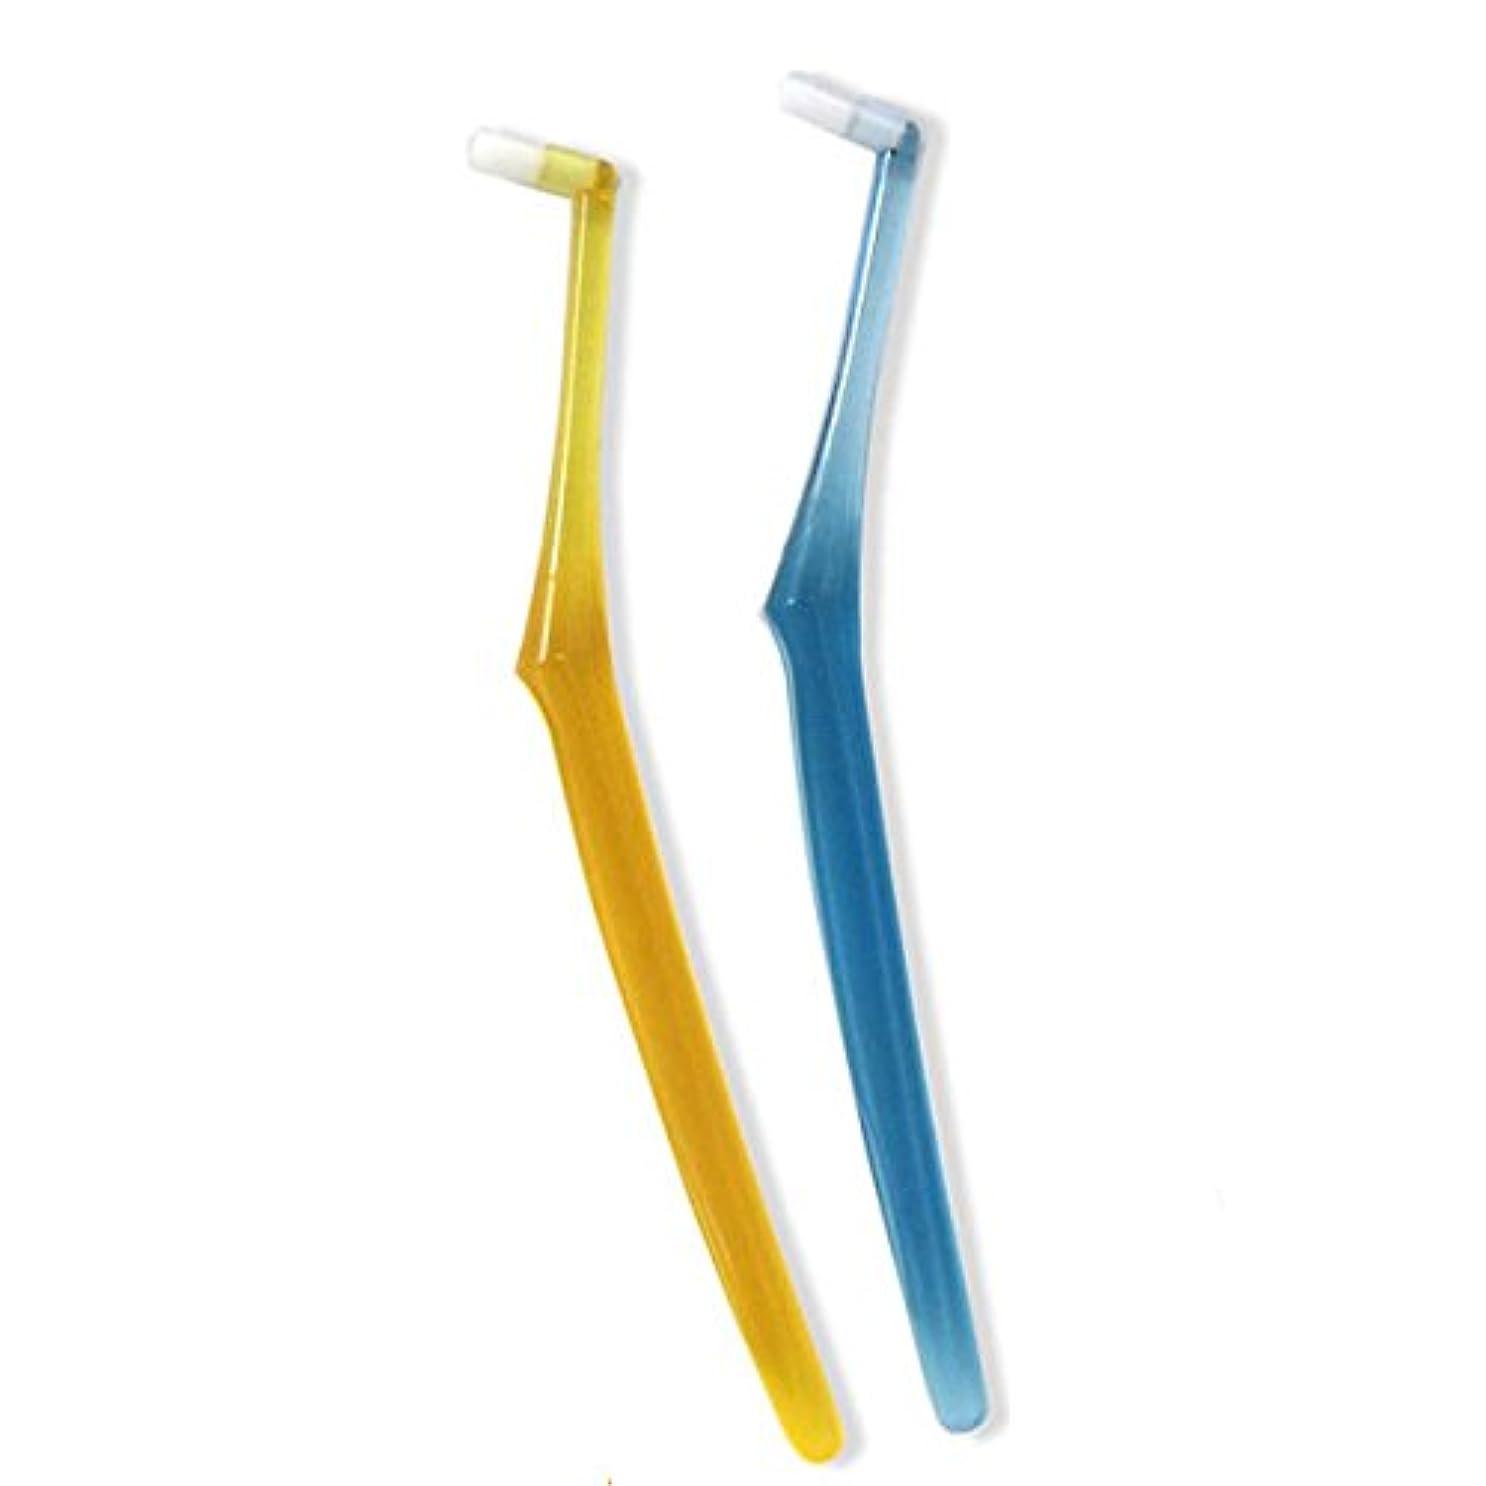 区別主導権組み合わせ【ワンタフト】 オーラルケア インプロ インプラント専用 歯ブラシ 24本セット (US(ウルトラソフト))